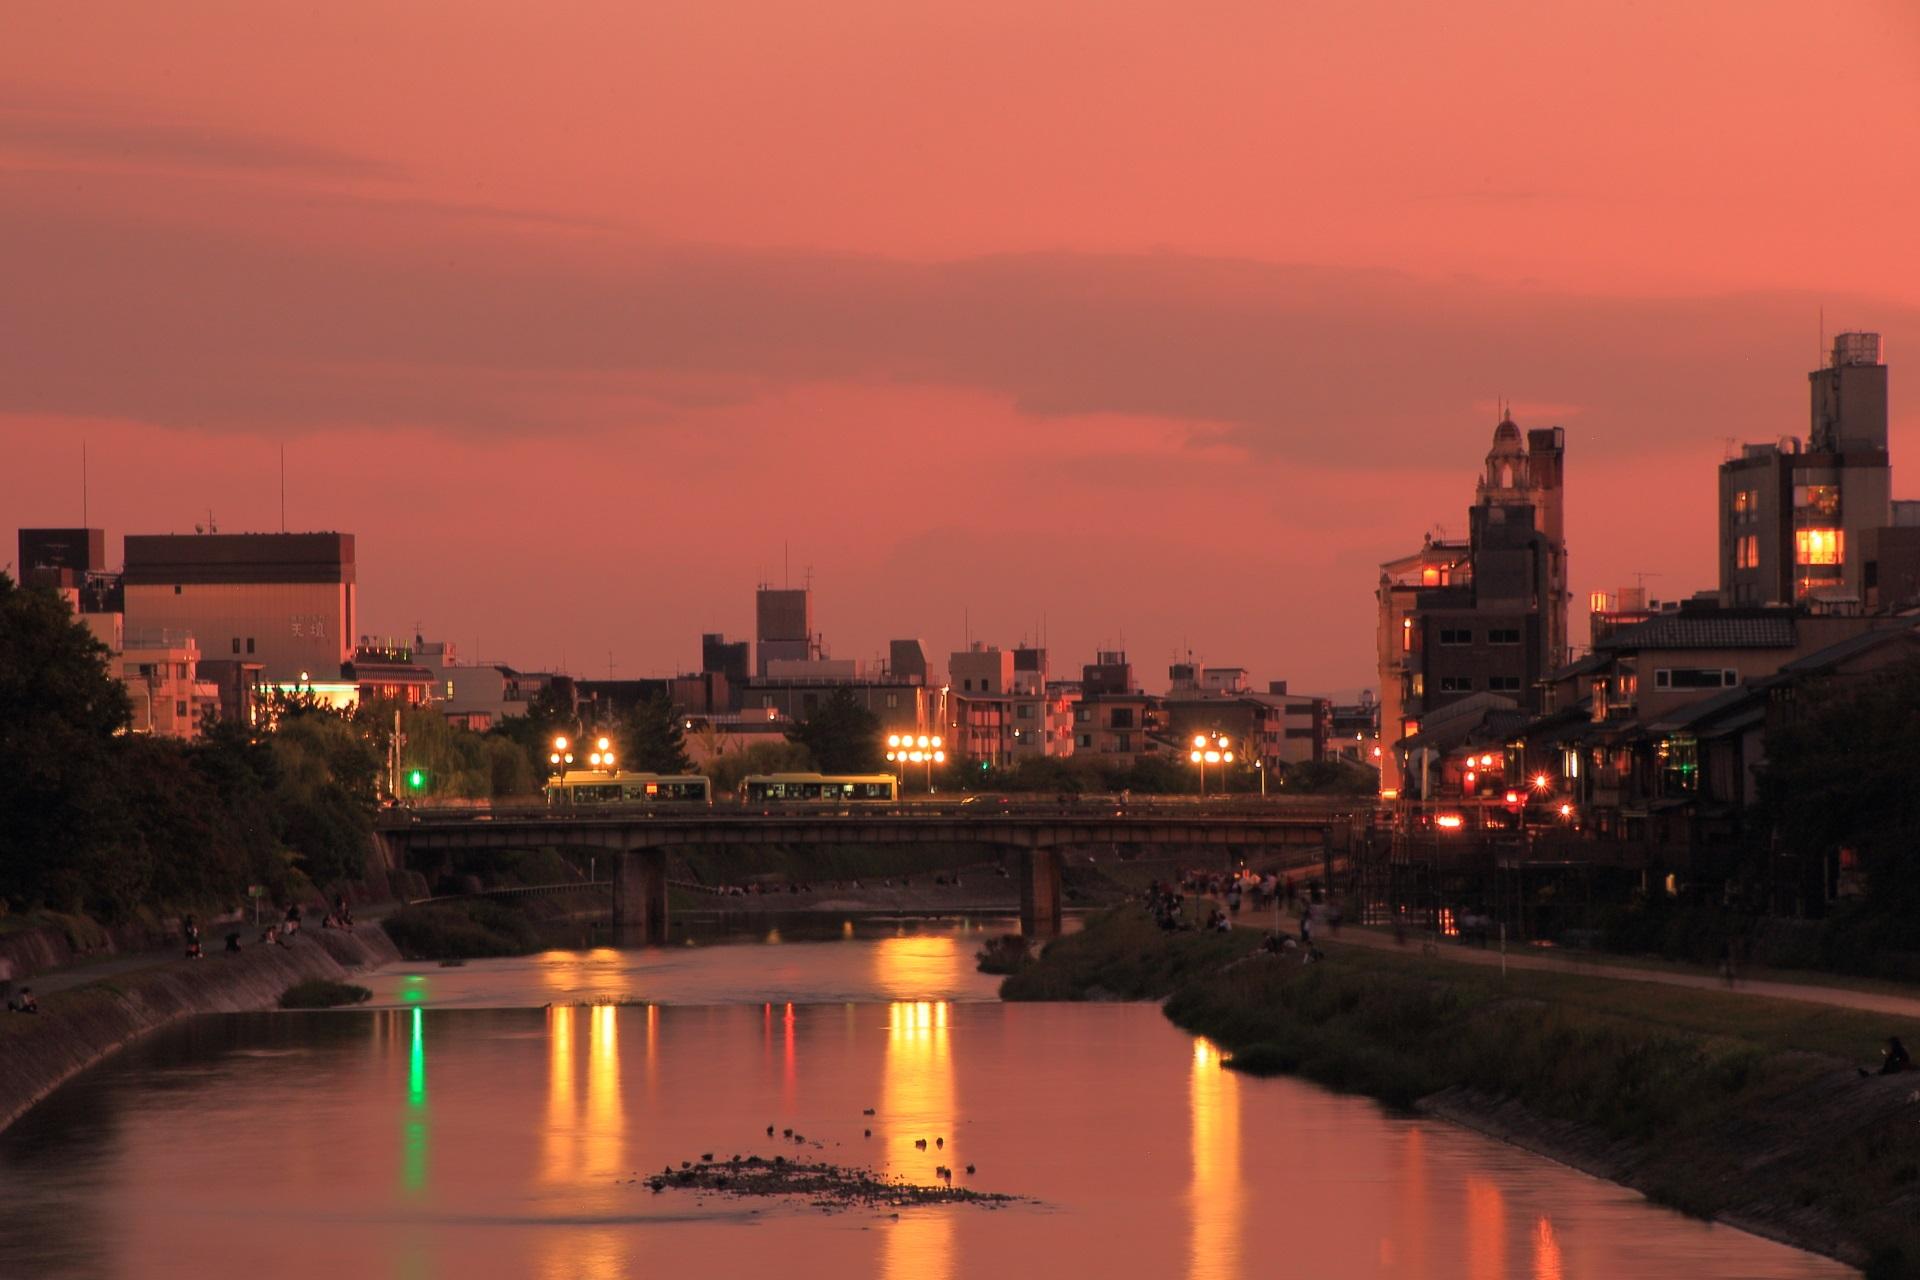 綺麗な夕焼けにつつまれた鴨川と四条大橋